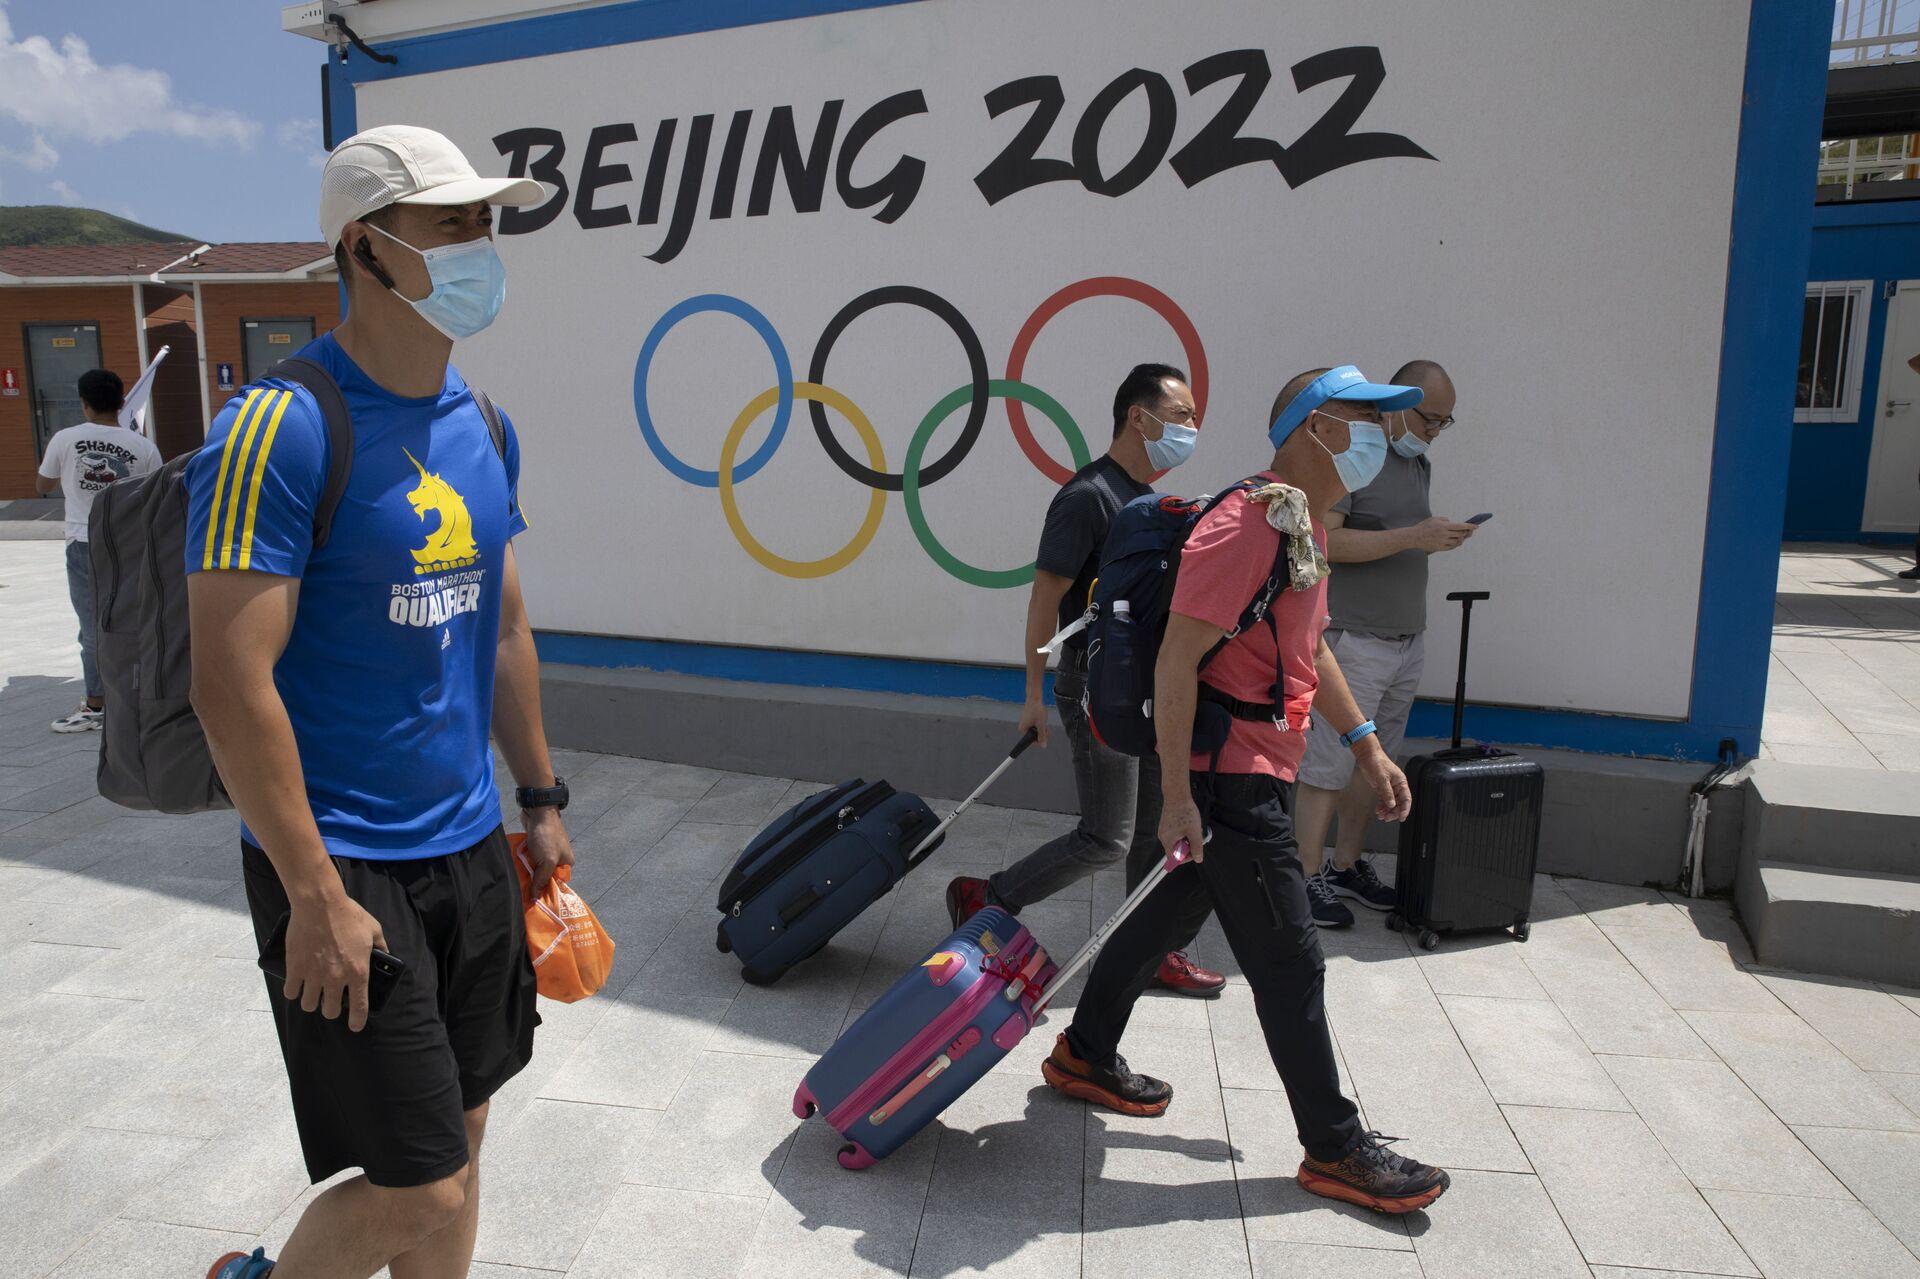 Trung Quốc có thể trả đũa các thủ đoạn phi thể thao của phương Tây trước Thế vận hội Bắc Kinh - Sputnik Việt Nam, 1920, 08.06.2021